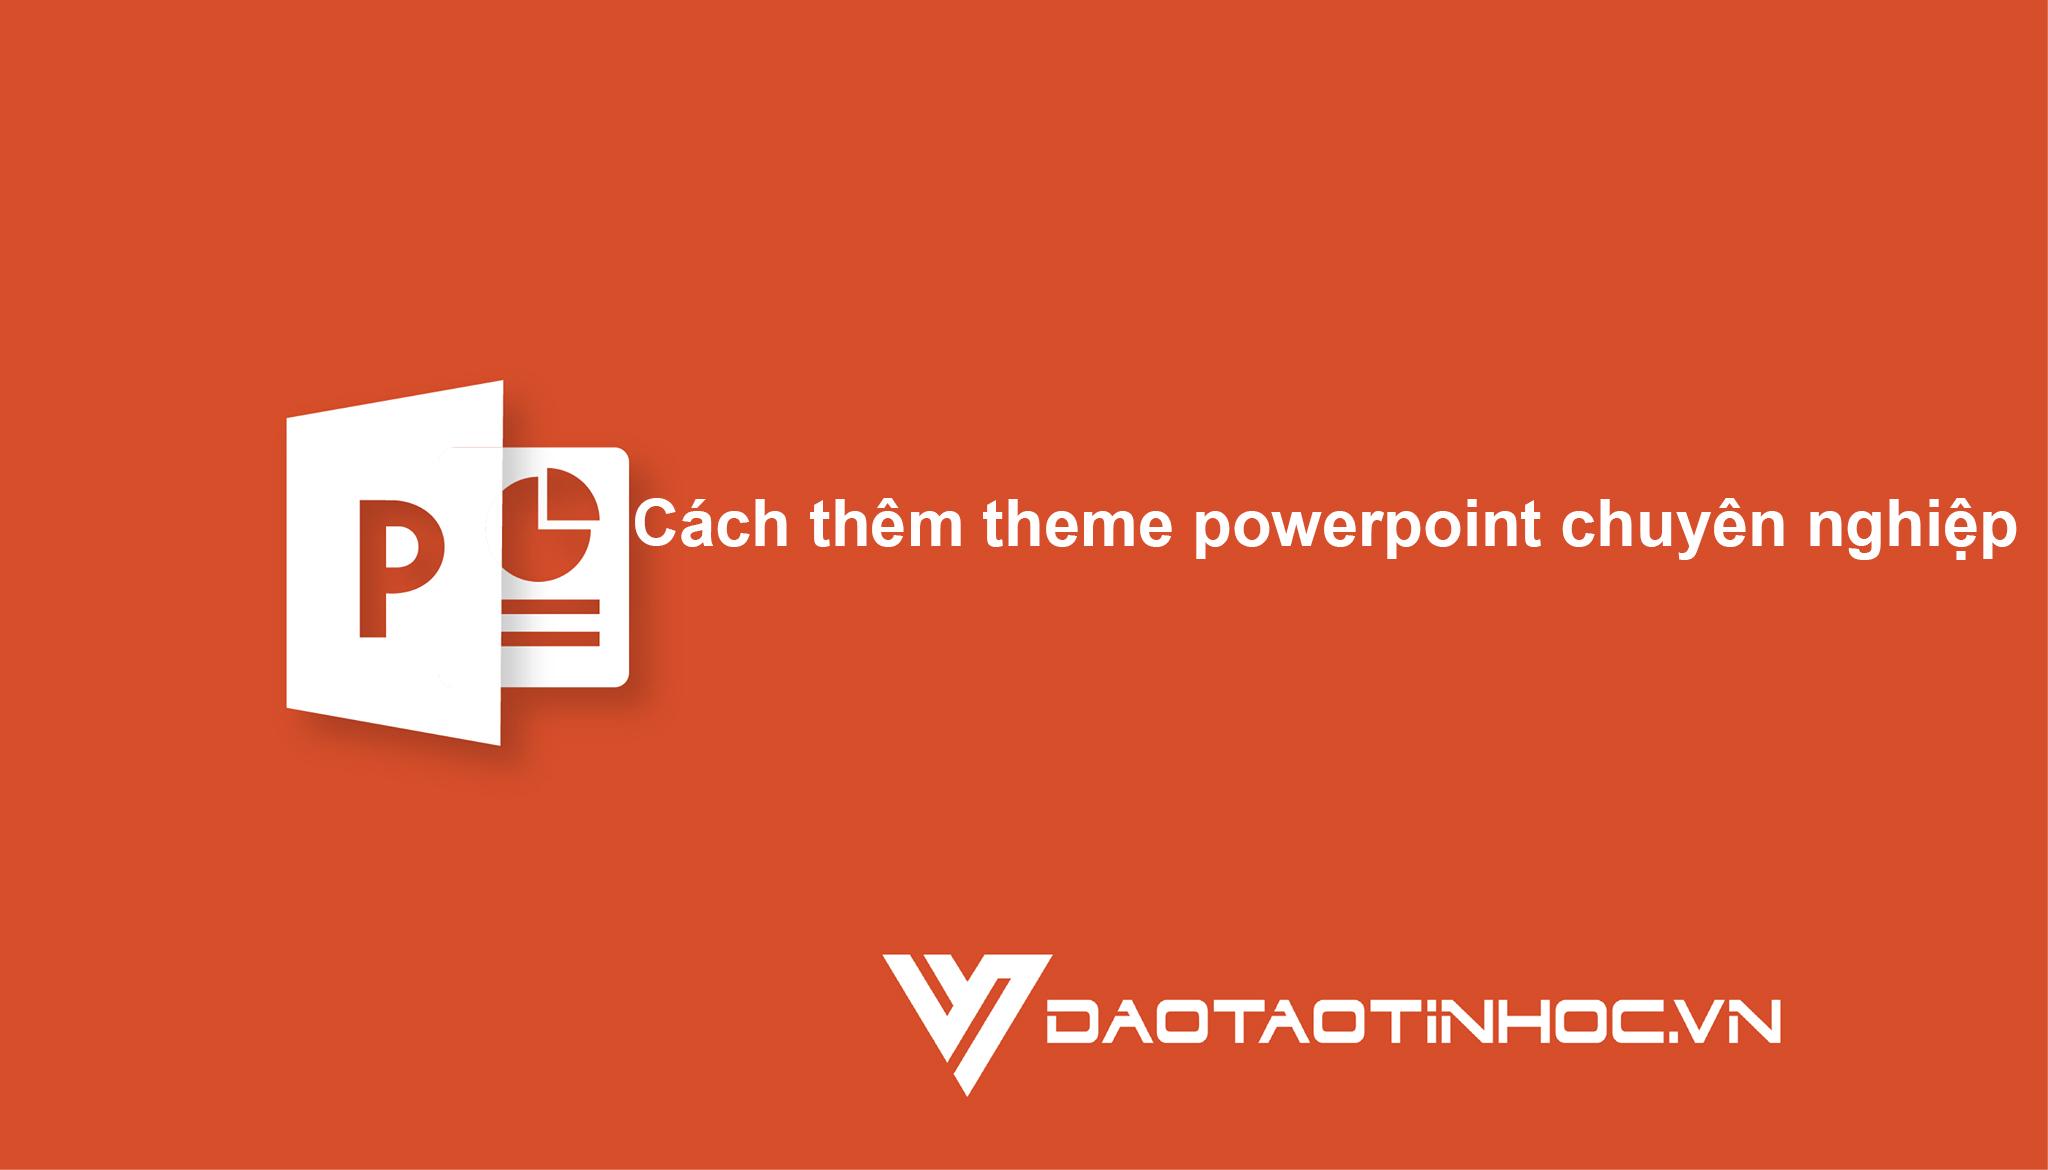 theme powerpoint chuyên nghiệp